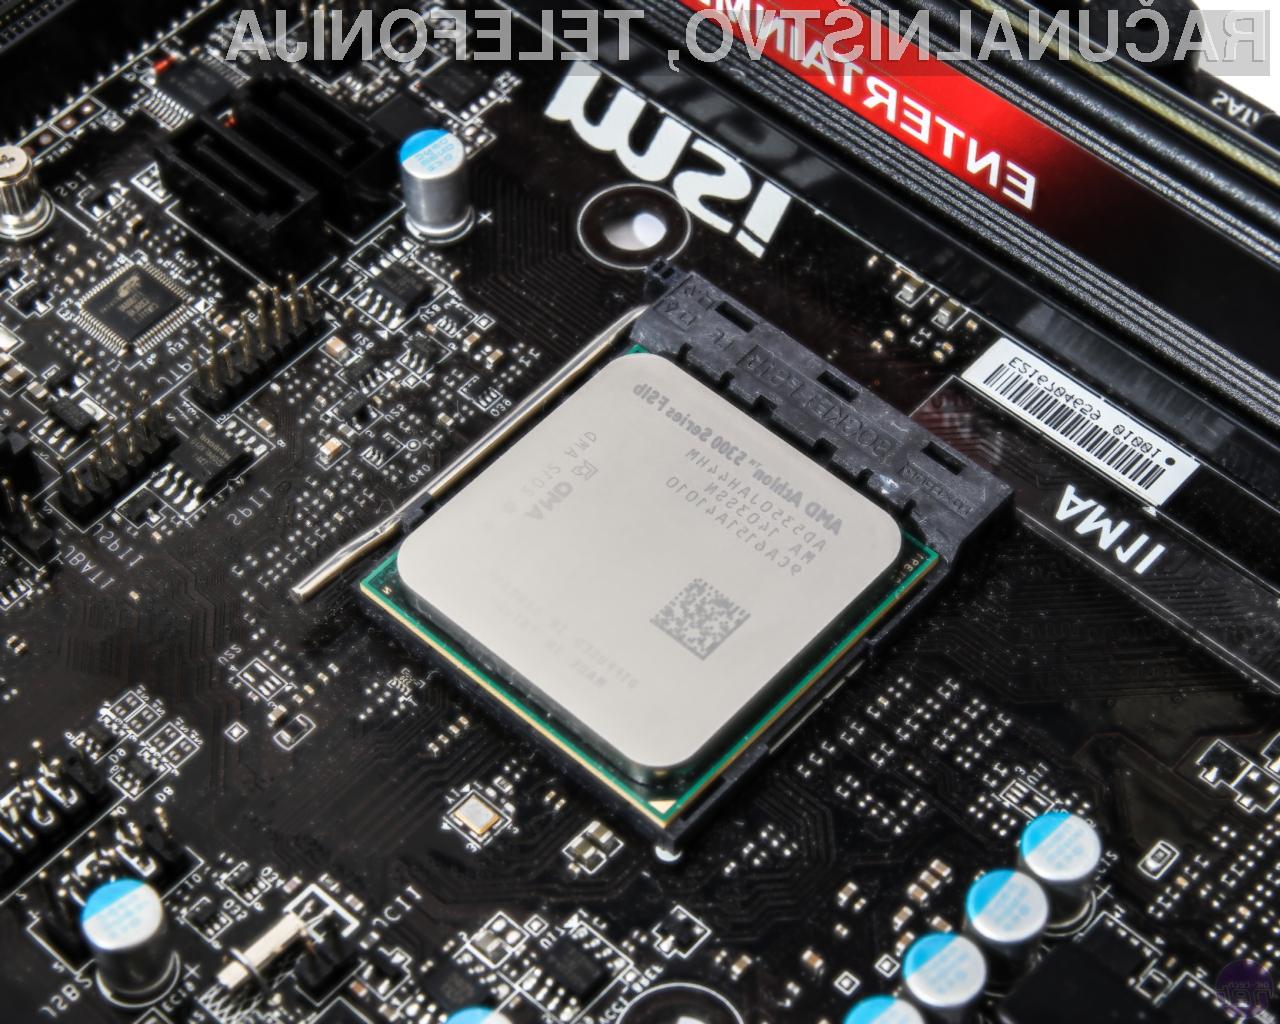 Novi procesorji AMD Athlon Zen bodo namenjeni predvsem cenovno ugodnim napravam.